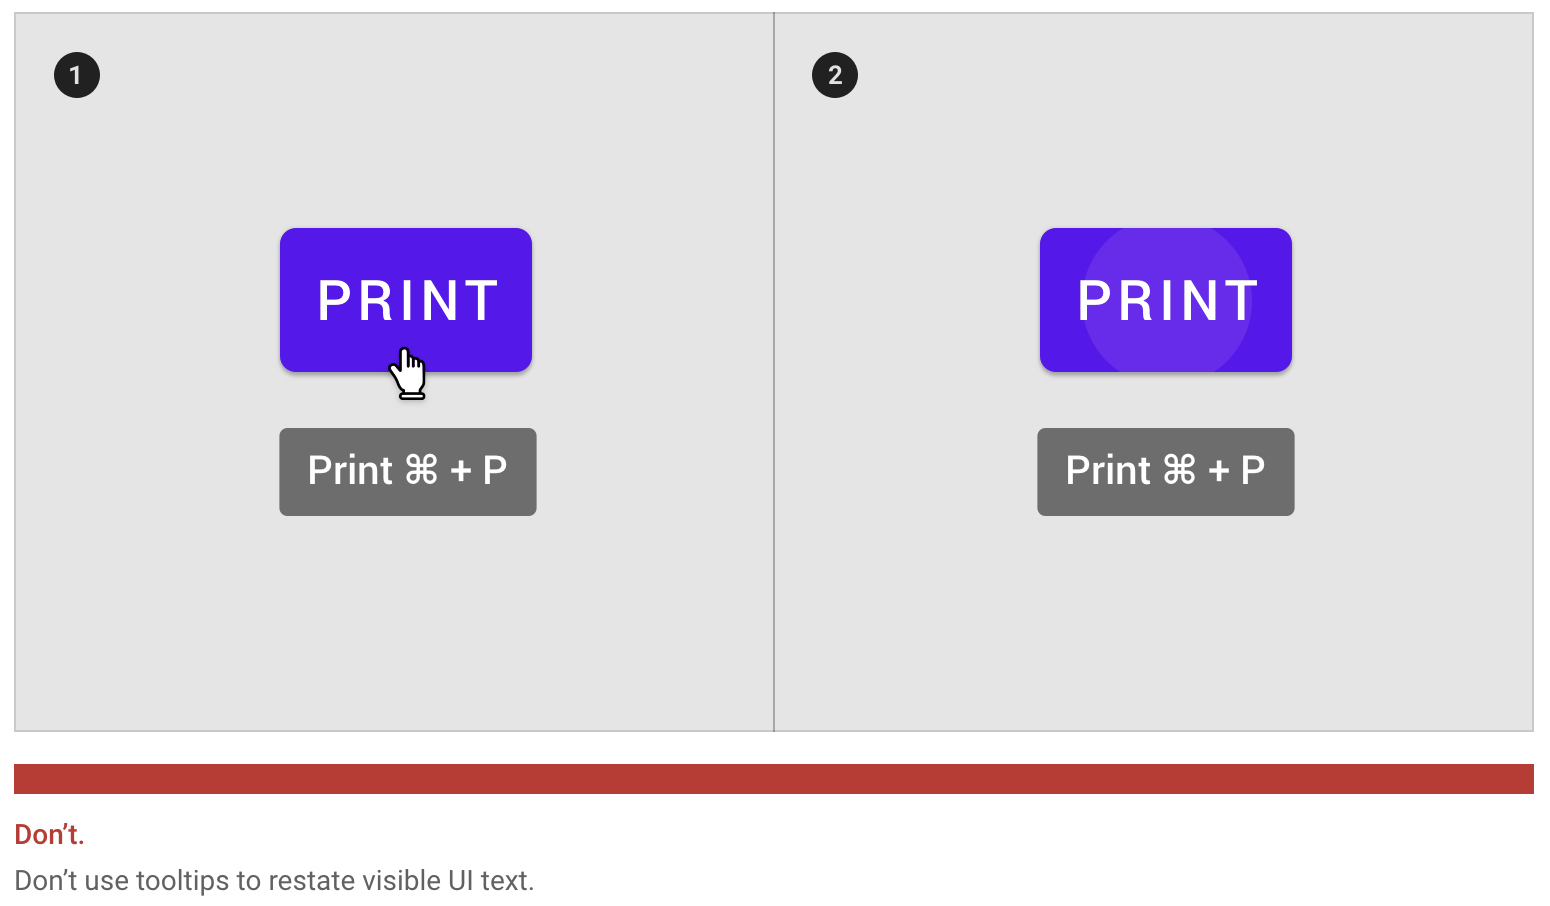 对于已经外显的文字,没有必要使用Tooltip重复展示。